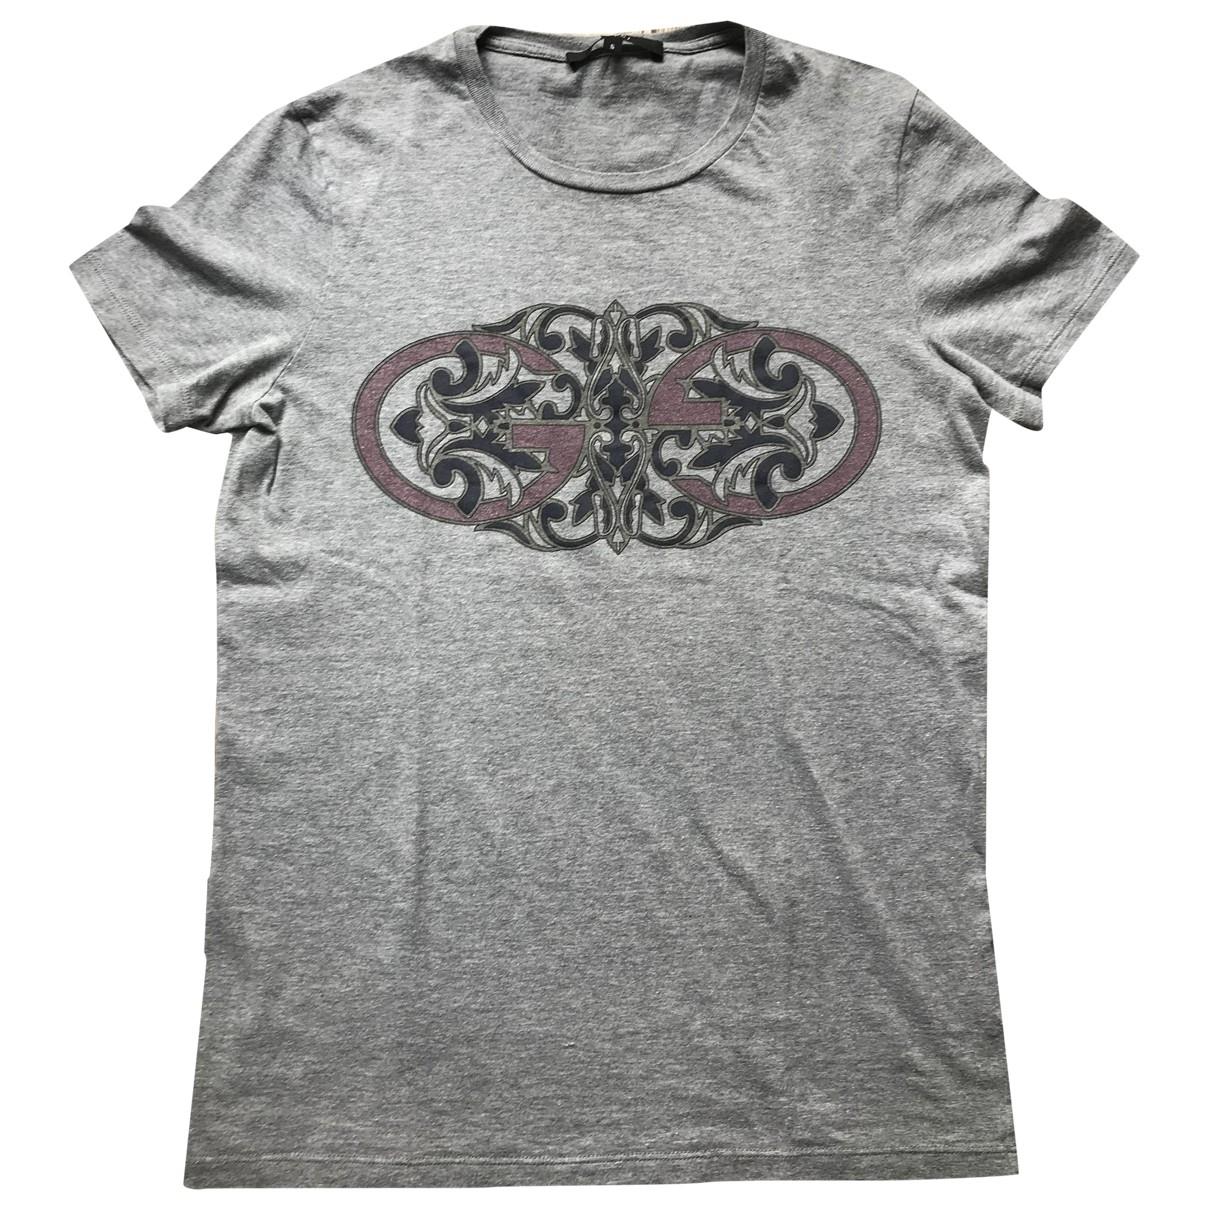 Gucci - Tee shirts   pour homme en coton - gris